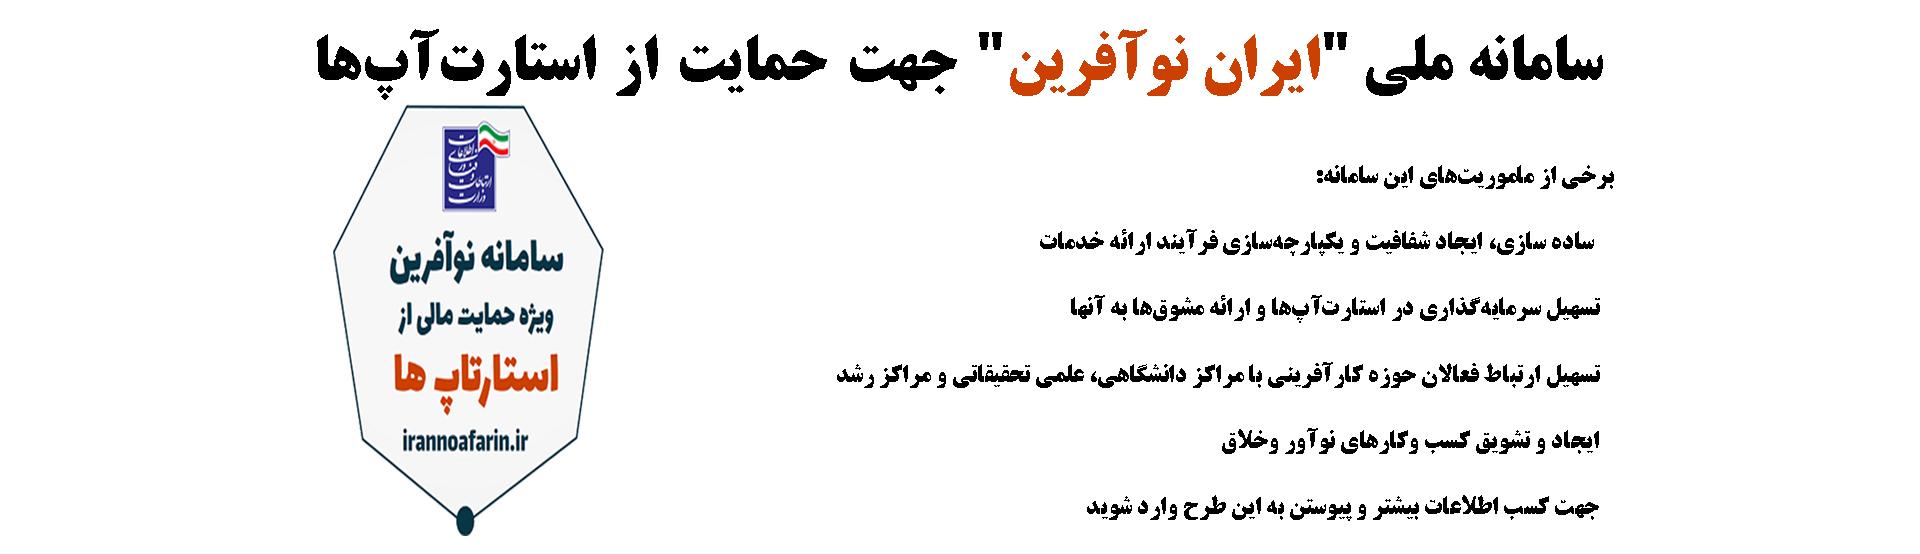 سامانه ملی ایران نوآفرین